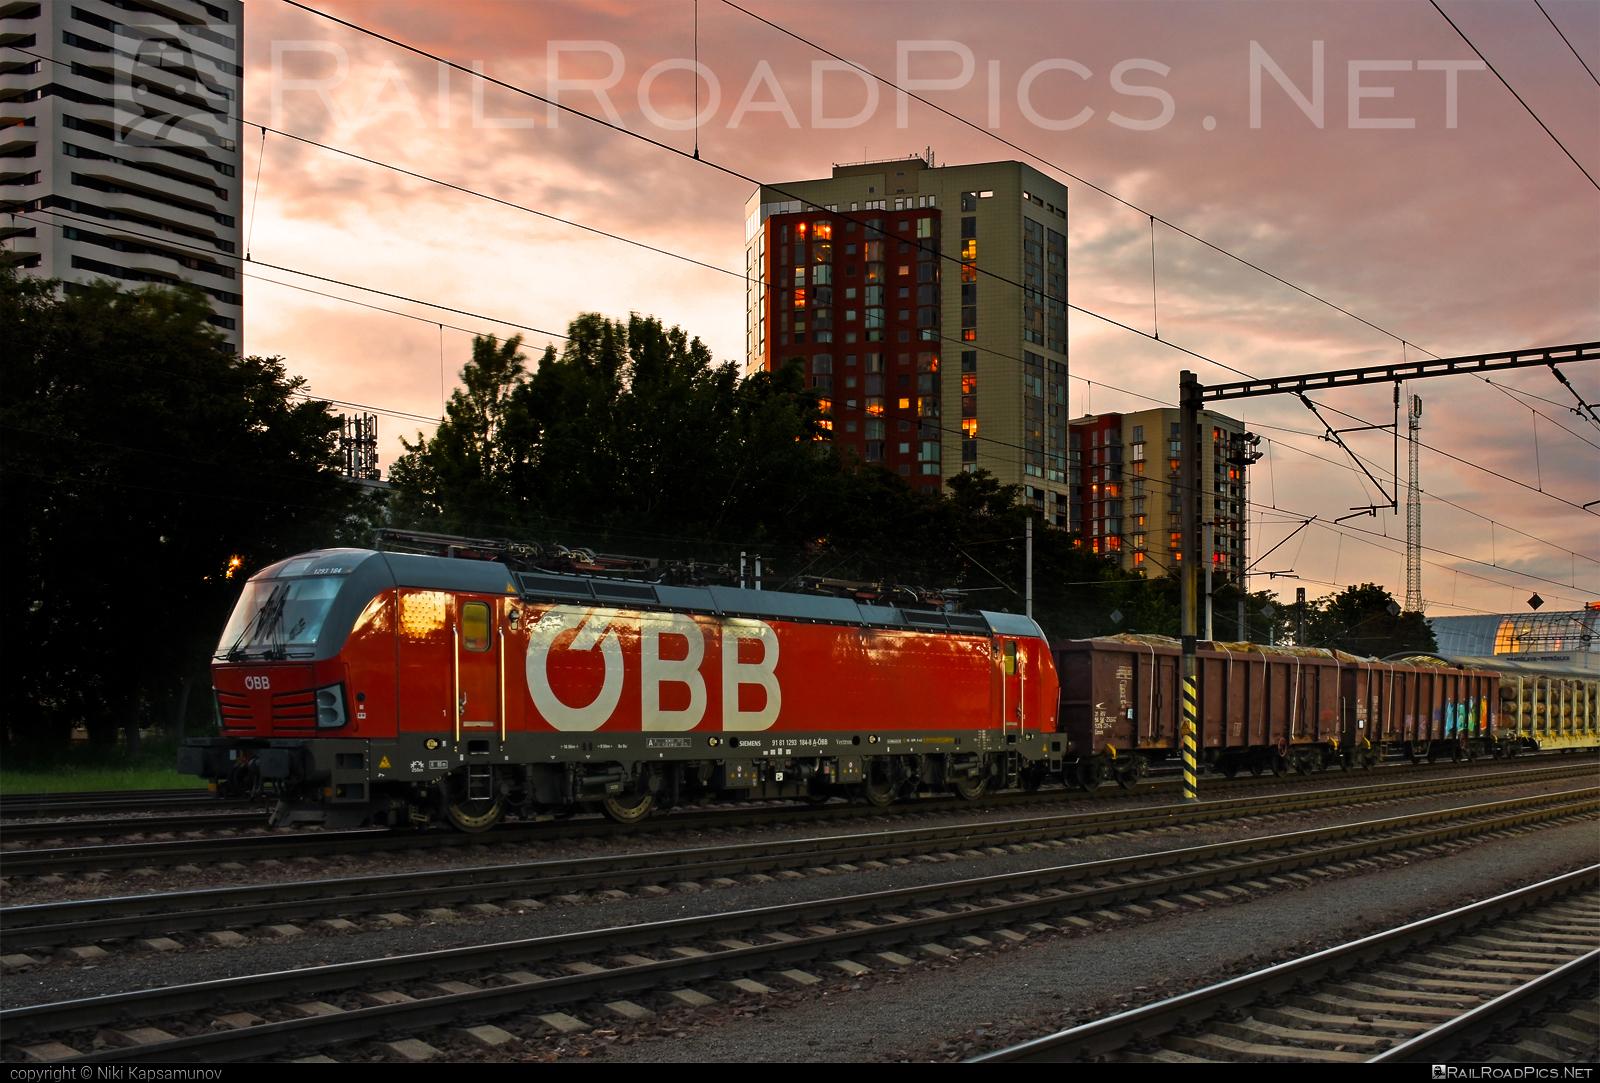 Siemens Vectron MS - 1293 184 operated by Rail Cargo Austria AG #obb #osterreichischebundesbahnen #rcw #siemens #siemensvectron #siemensvectronms #vectron #vectronms